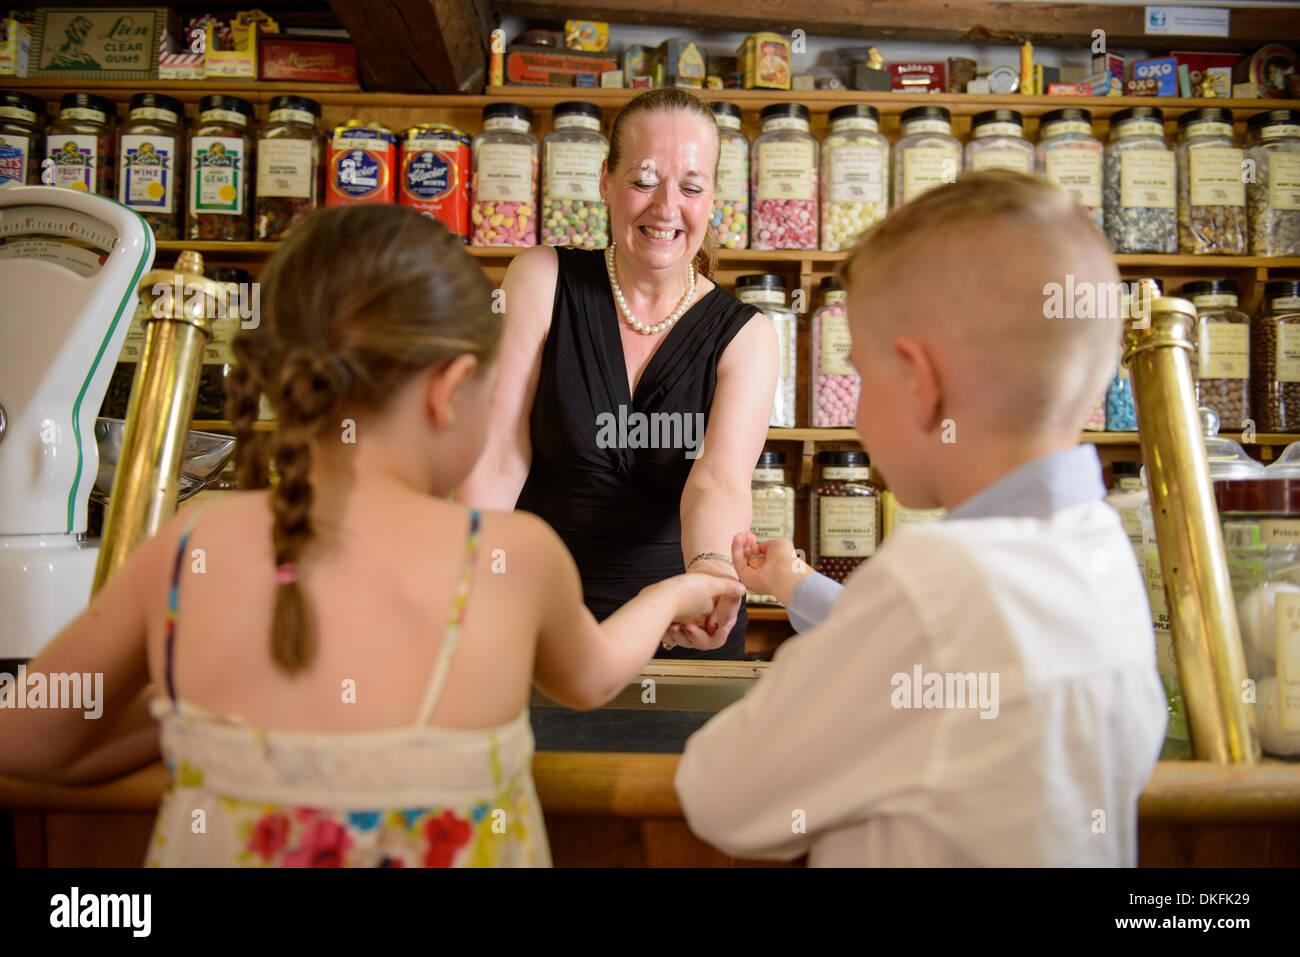 Kinder Süßigkeiten aus traditionellen Konditorei kaufen Stockbild